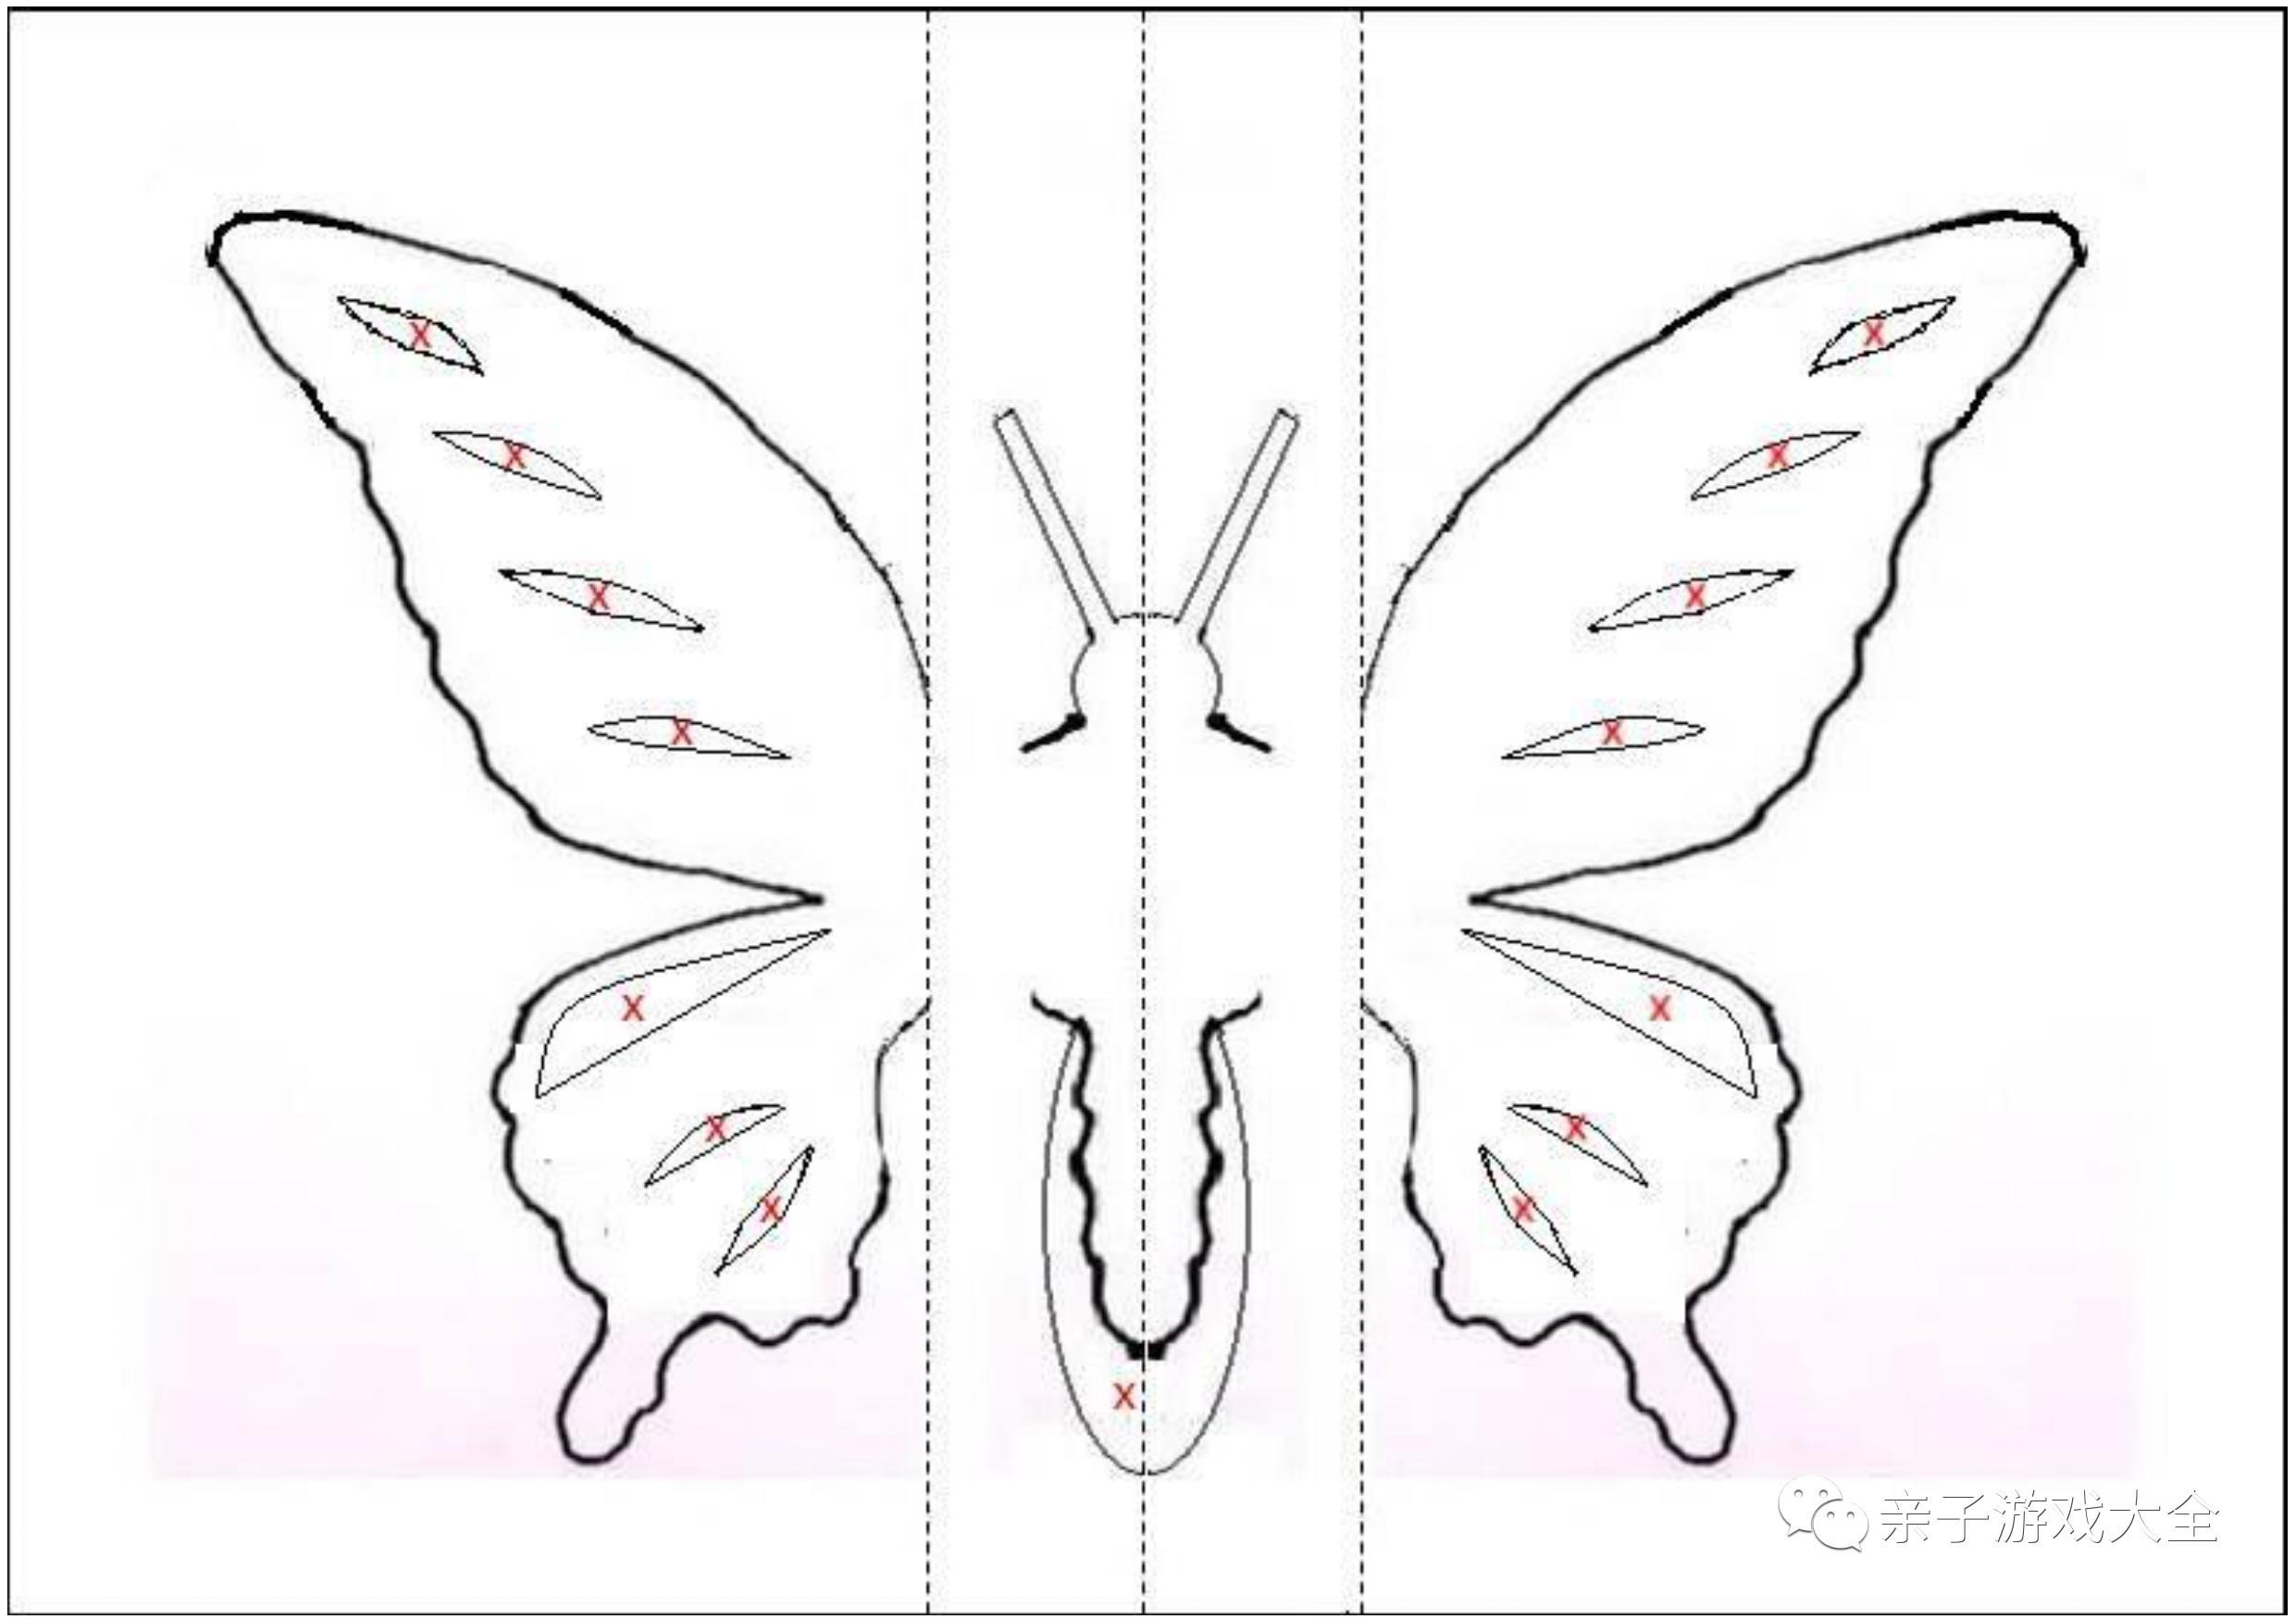 教师节将至,一张简单的手工蝴蝶贺卡专为手残党而设